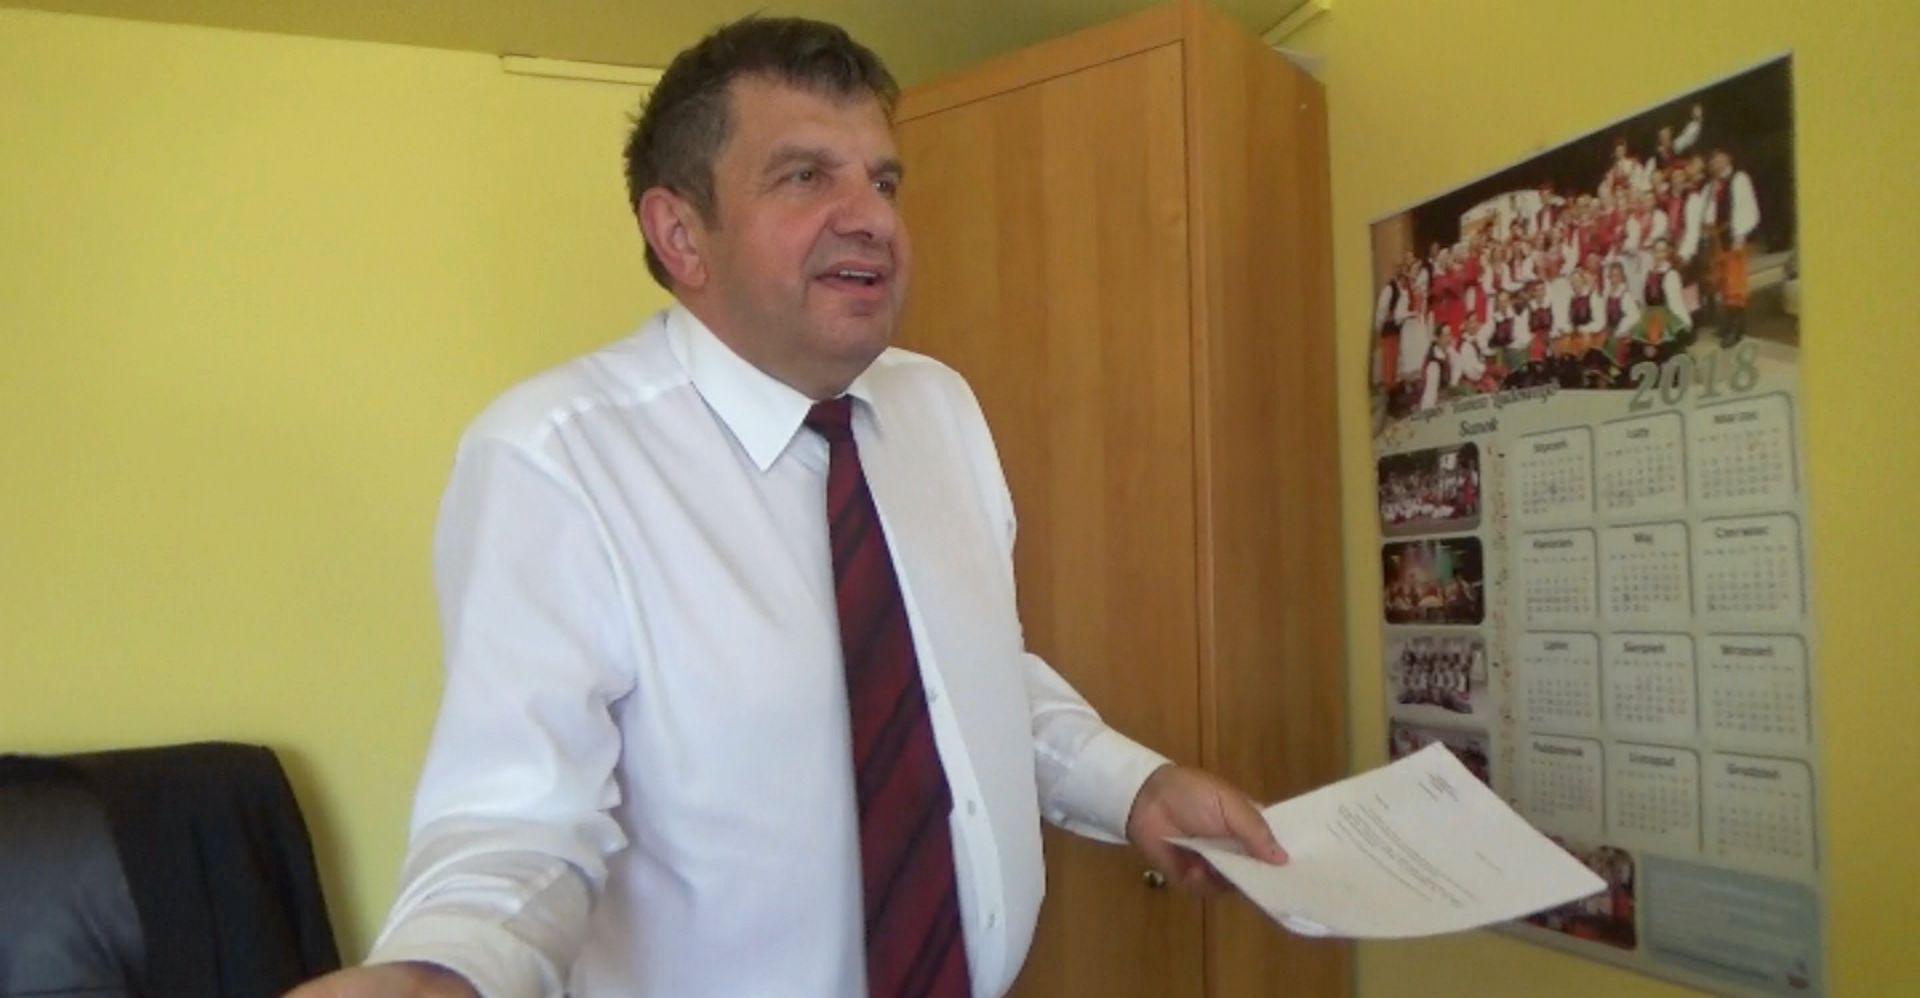 Dlaczego wicestarosta Krawczyk tak usilnie unika odpowiedzi? (VIDEO)